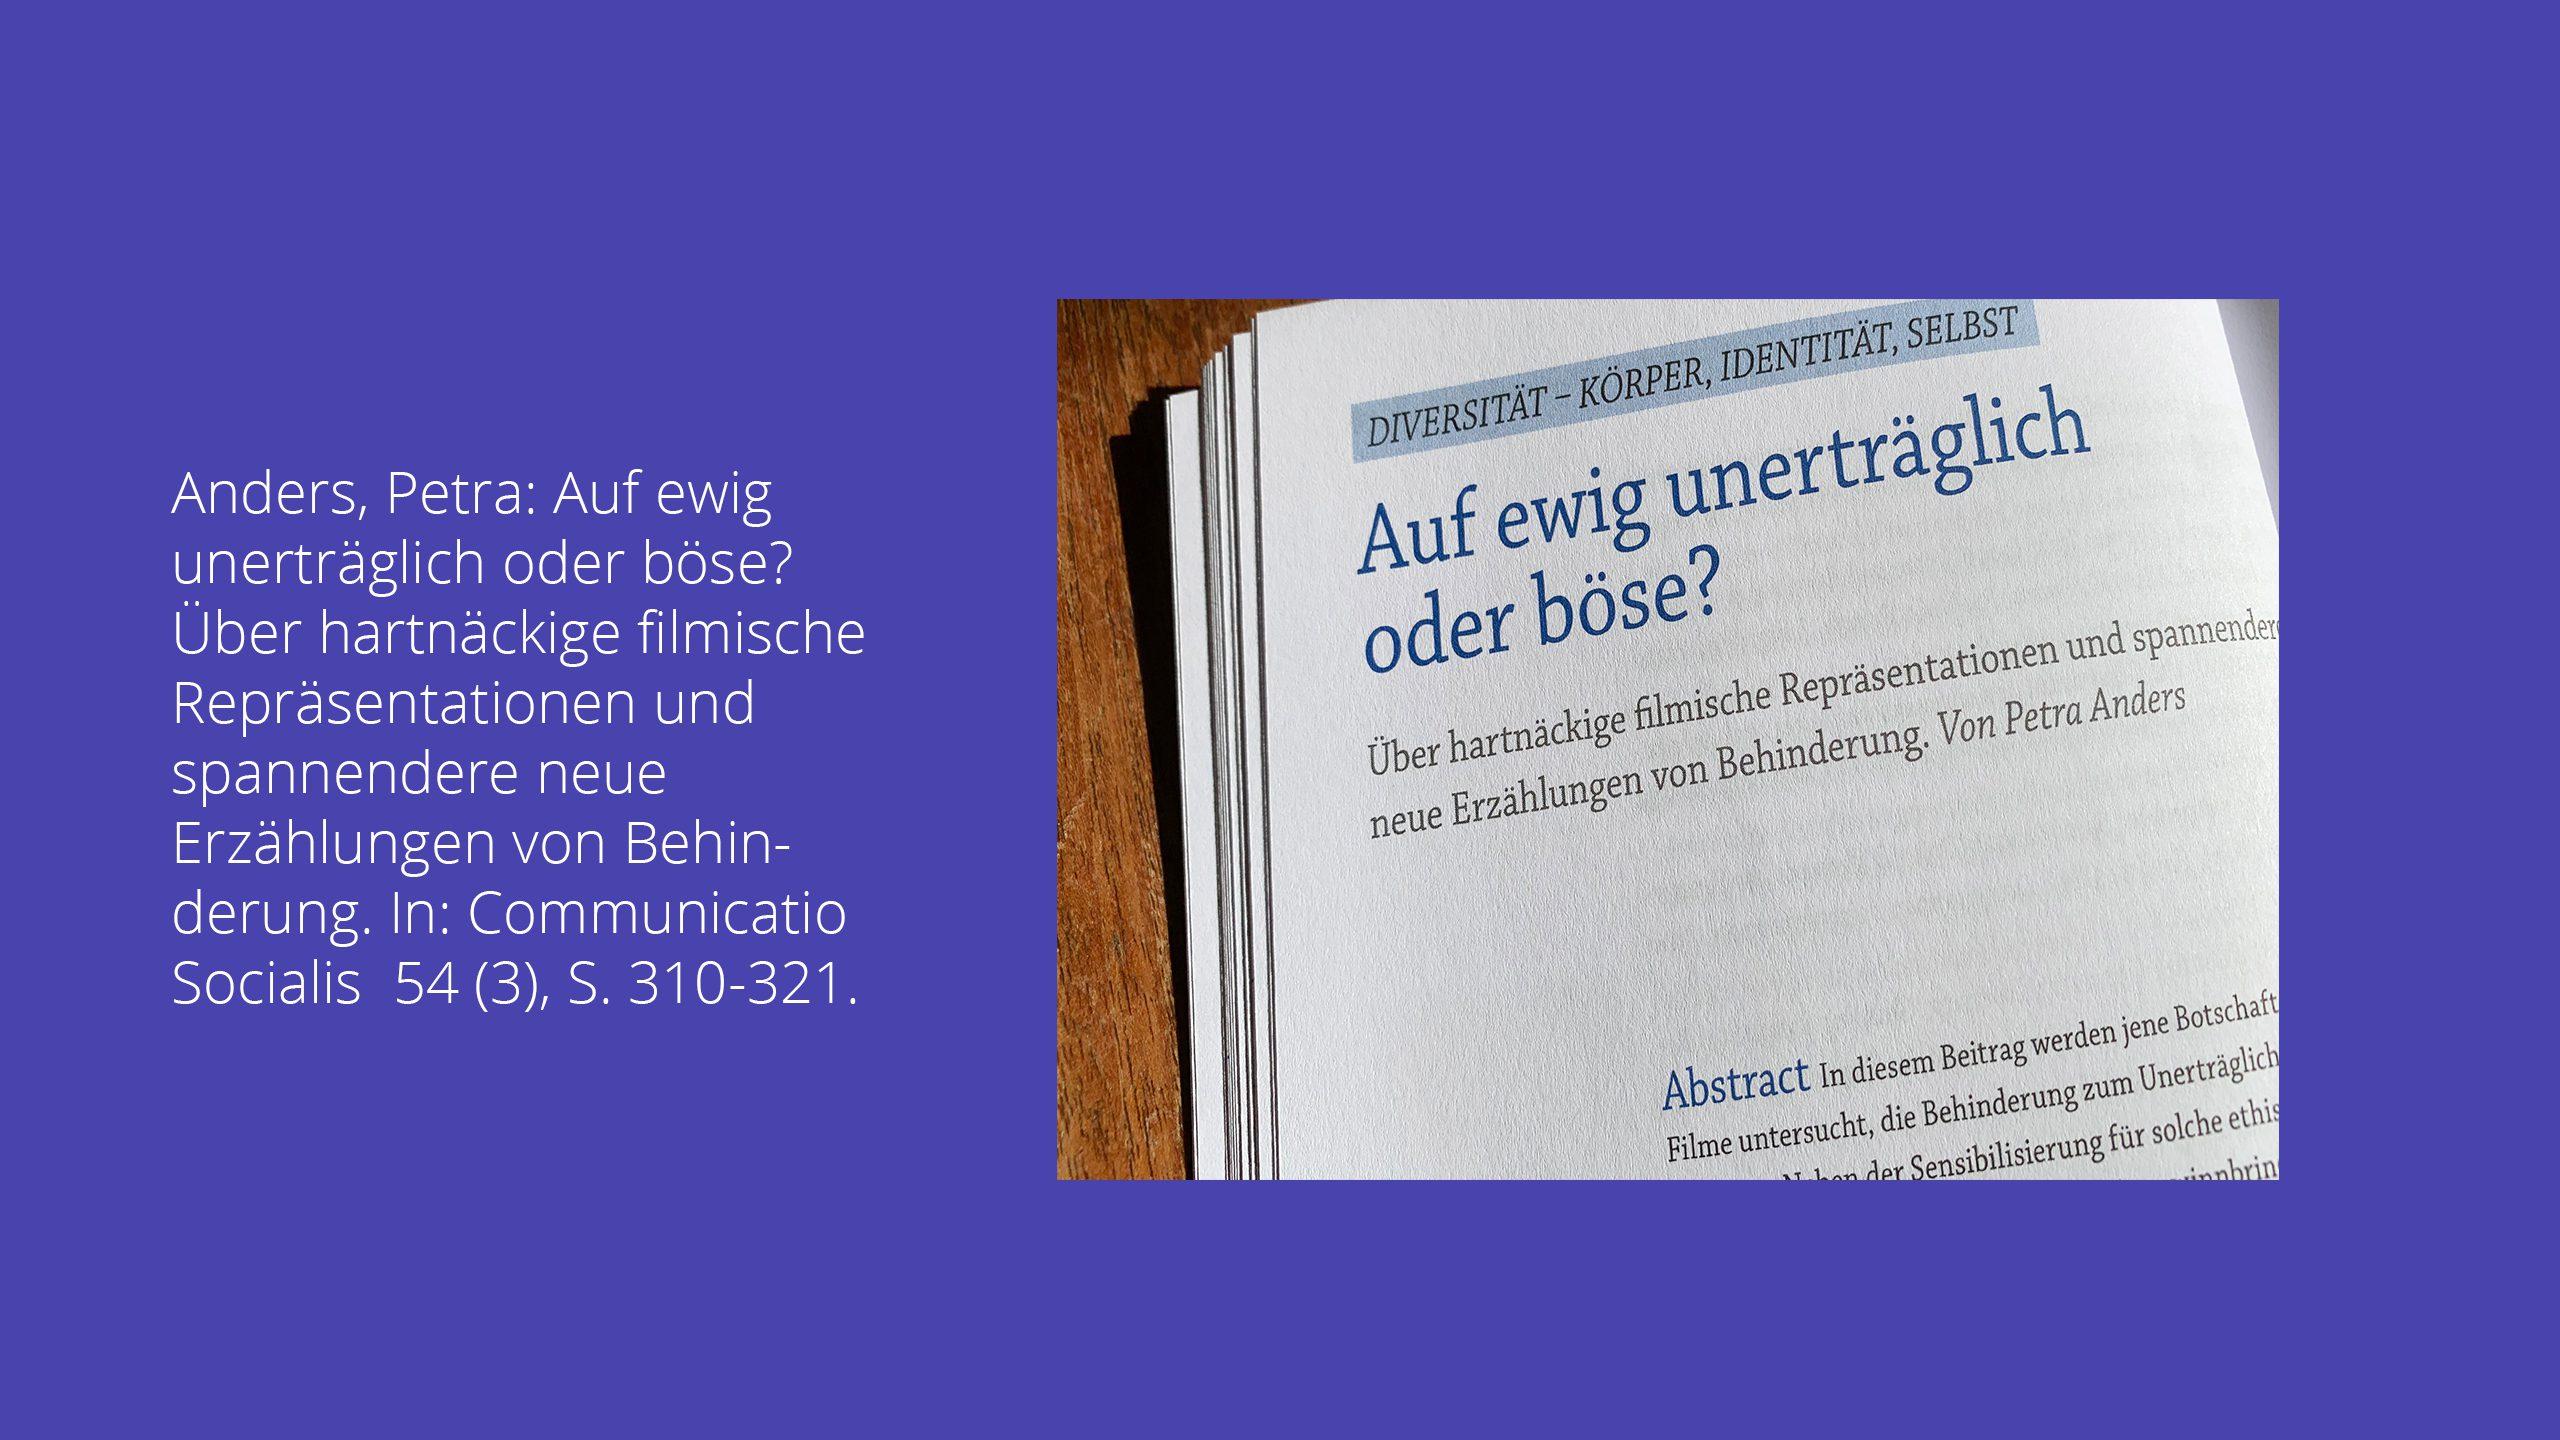 Petra Anders: Auf ewig unerträglich oder böse? Über hartnäckige filmische Repräsentationen und spannendere neue Erzählungen von Behinderung. In: Communicatio Socialis 54 (3), S. 310-321. DOI: 10.5771/0010-3497-2021-3-310.